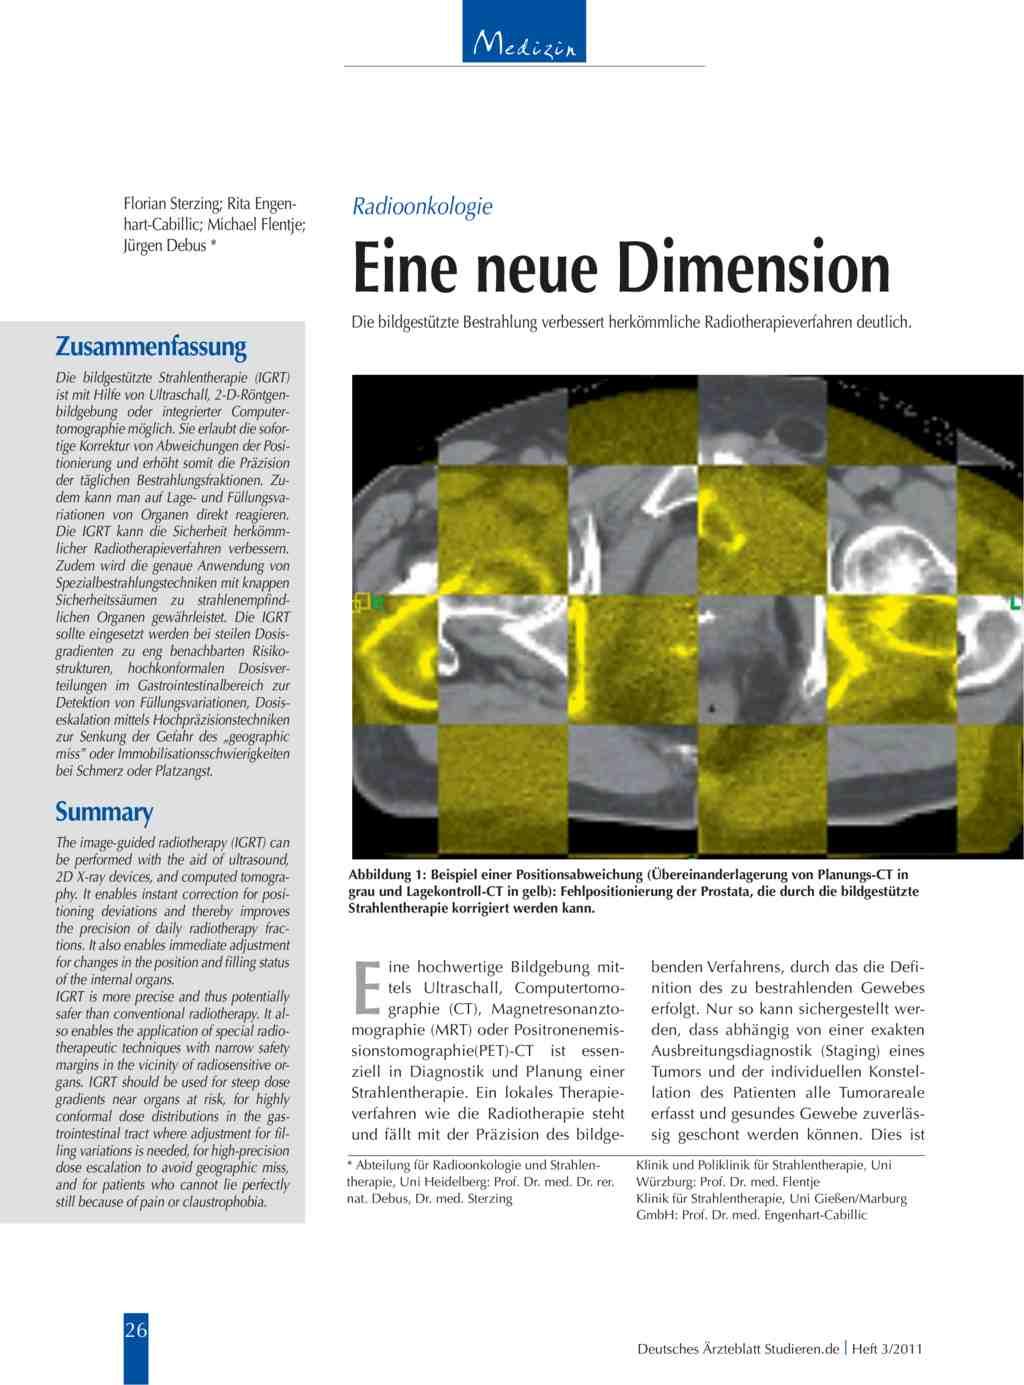 Radioonkologie: Eine neue Dimension